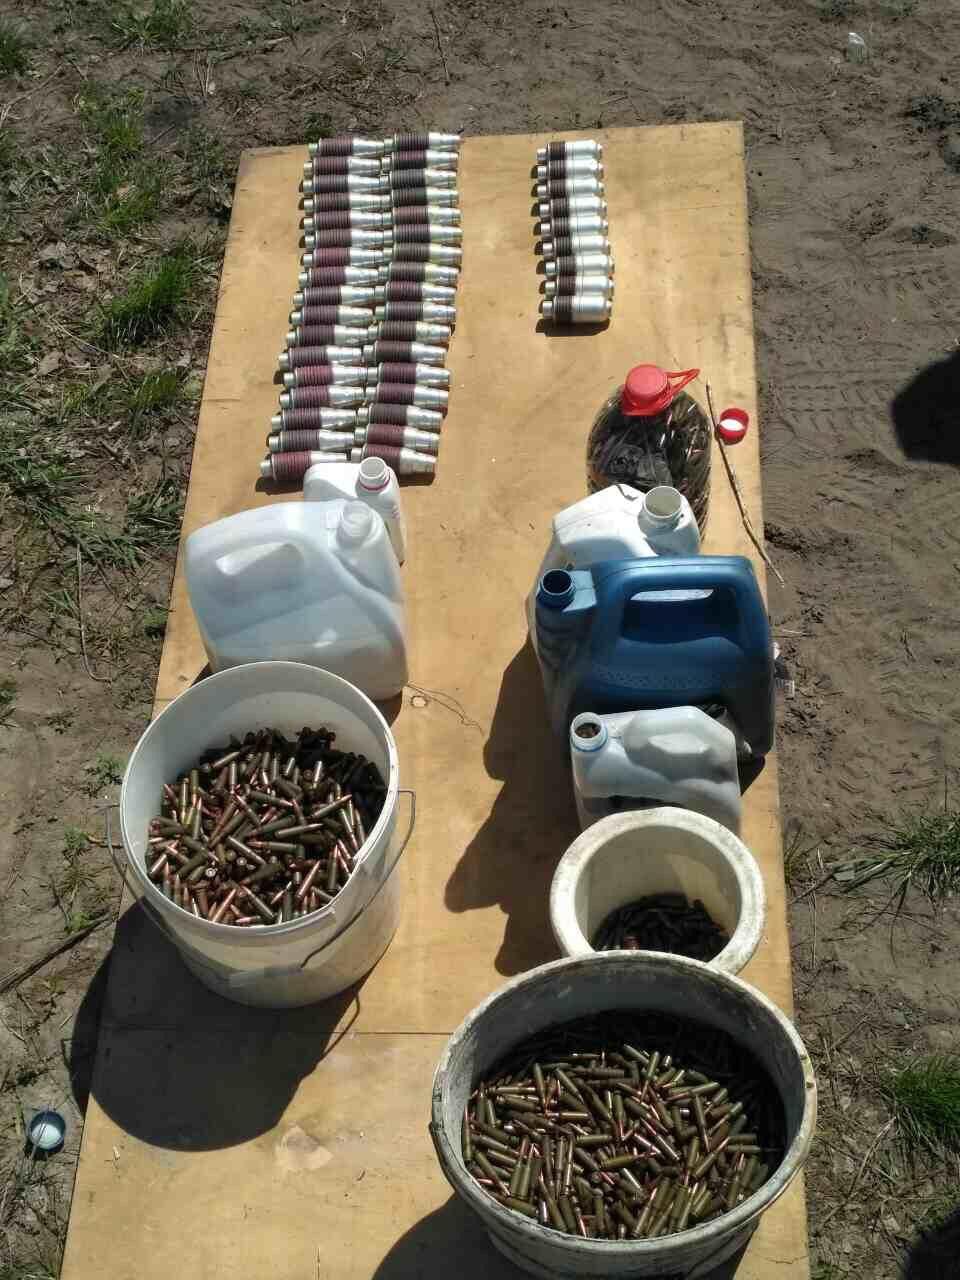 Боеприпасы и оружие, обнаруженные во время обысков по месту жительства фигурантов производства